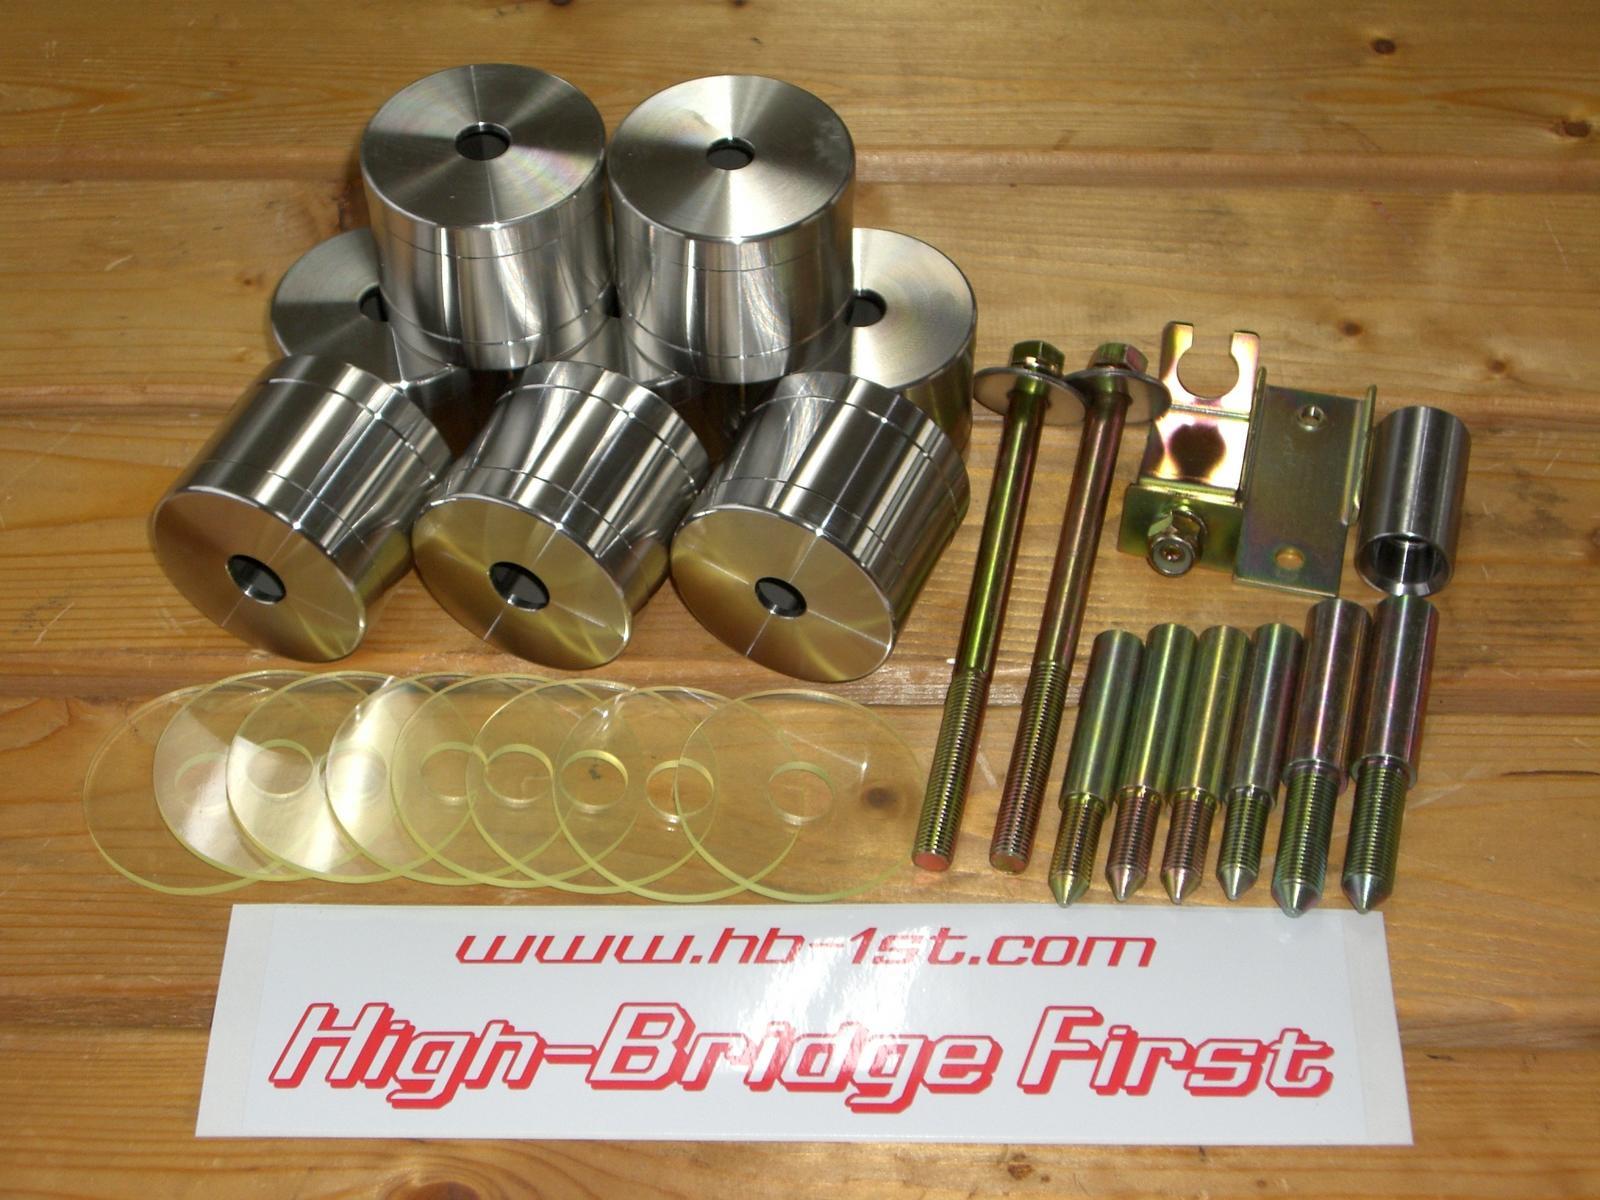 【ジムニーJB23/33/43 】HB1st50mmボディリフトキット23